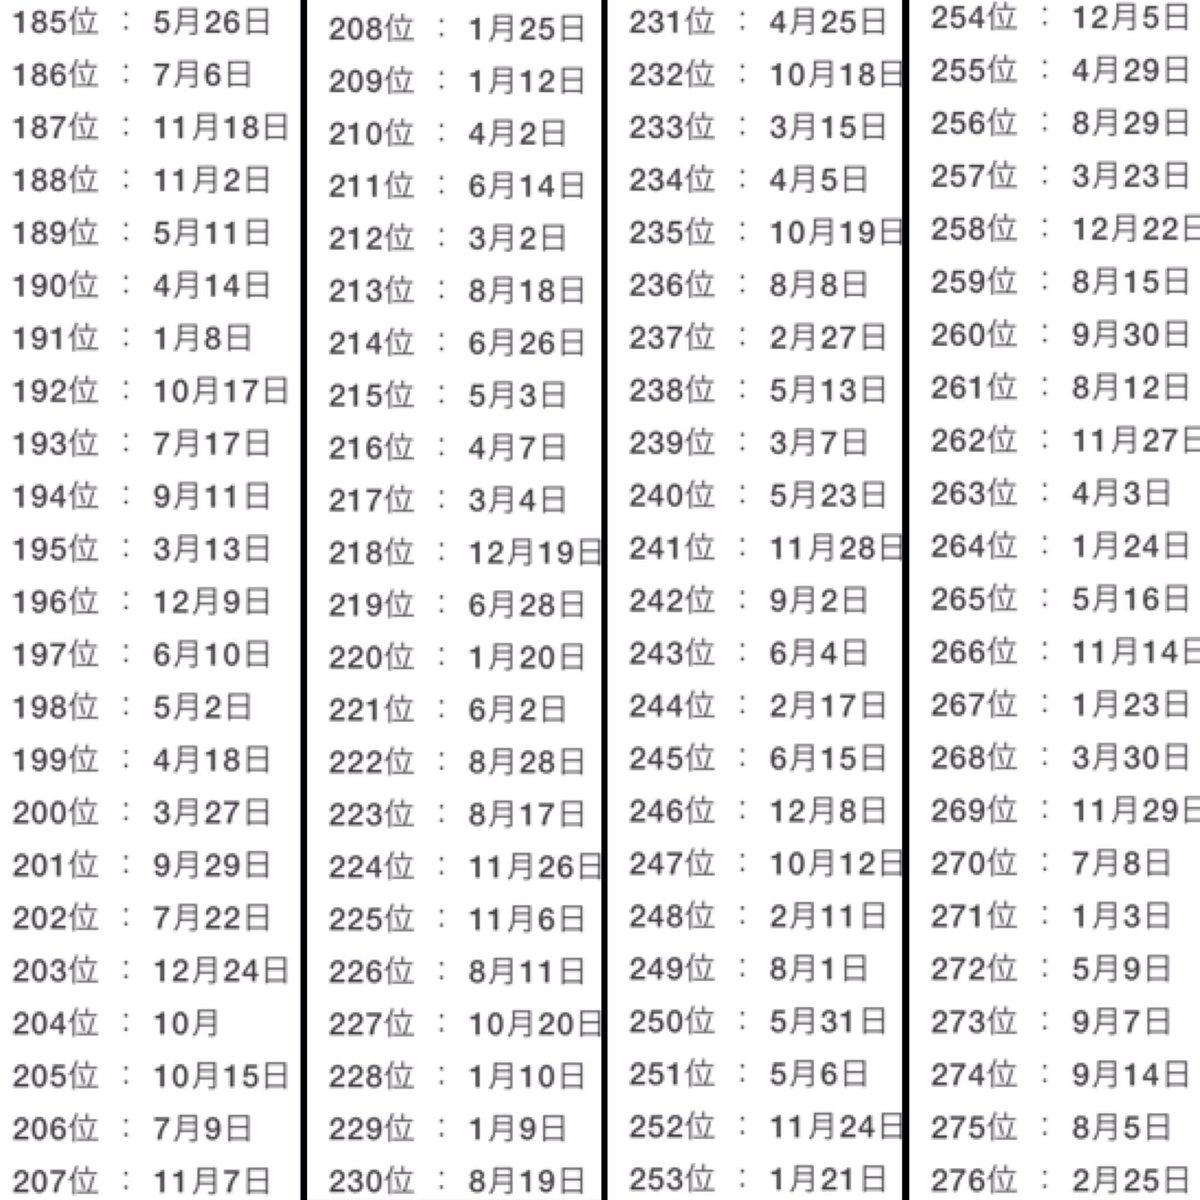 誕生日でわかる2019年の運勢ランキング